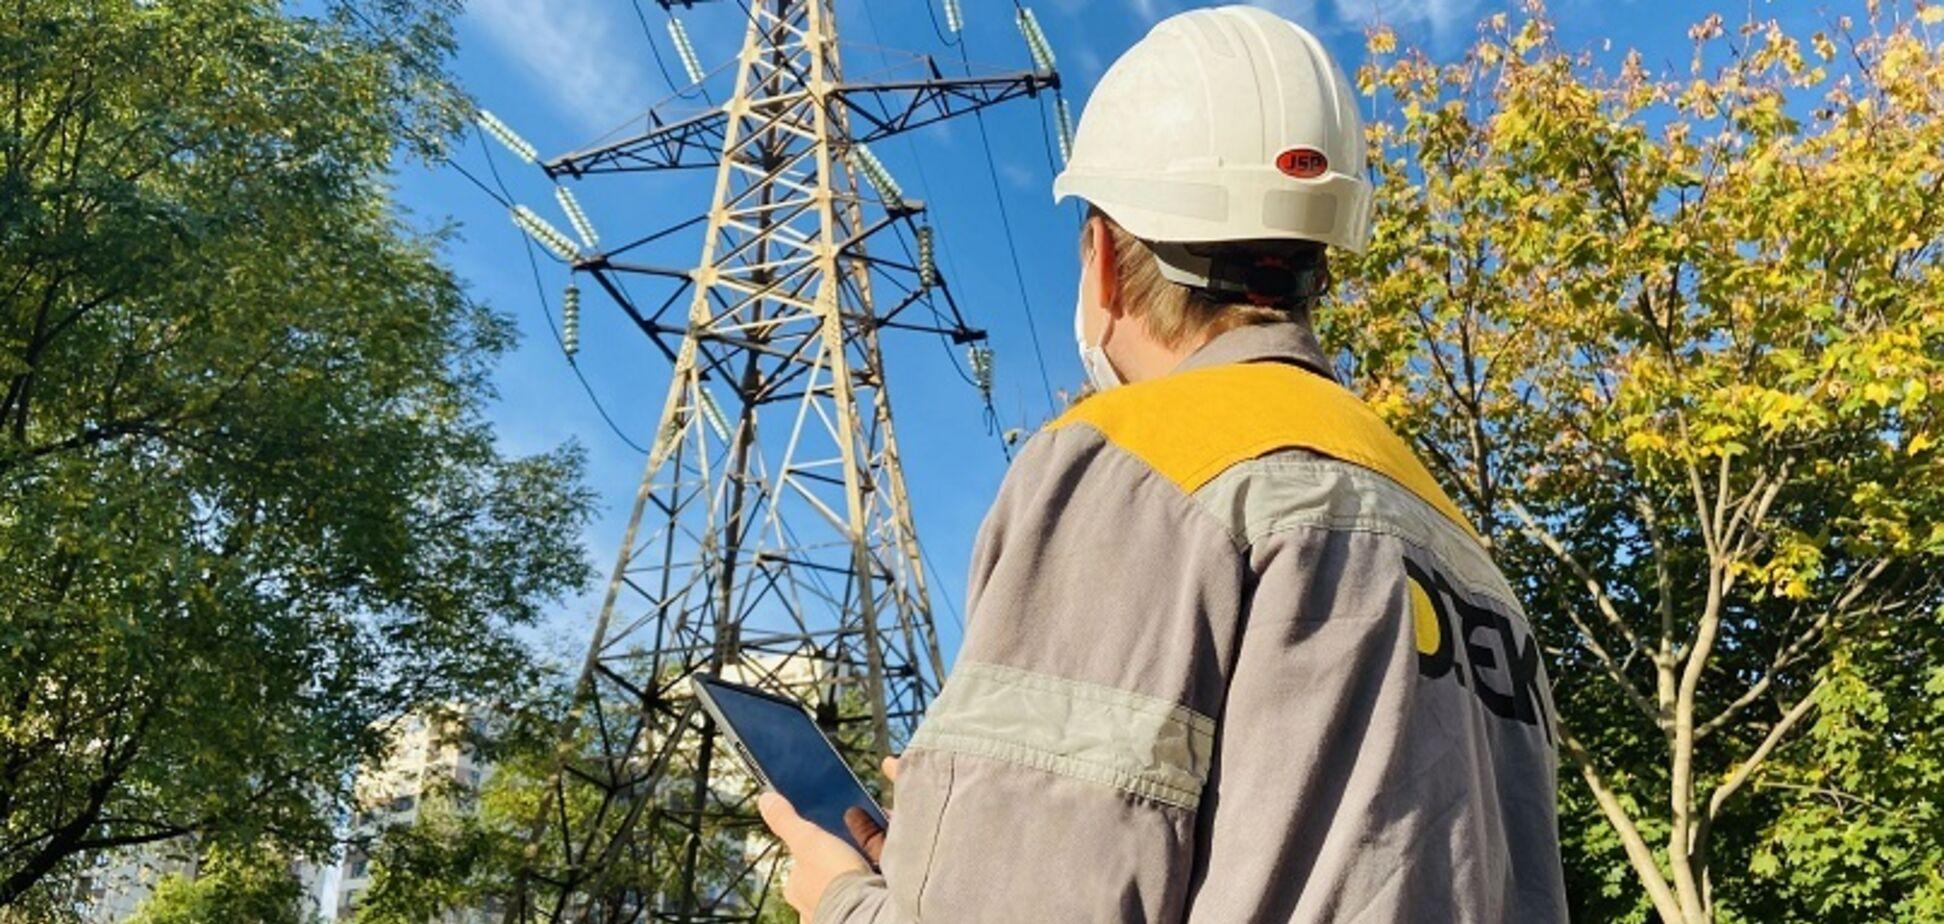 ДТЭК инвестирует почти 190 млн в развитие энергоинфраструктуры Киевщины